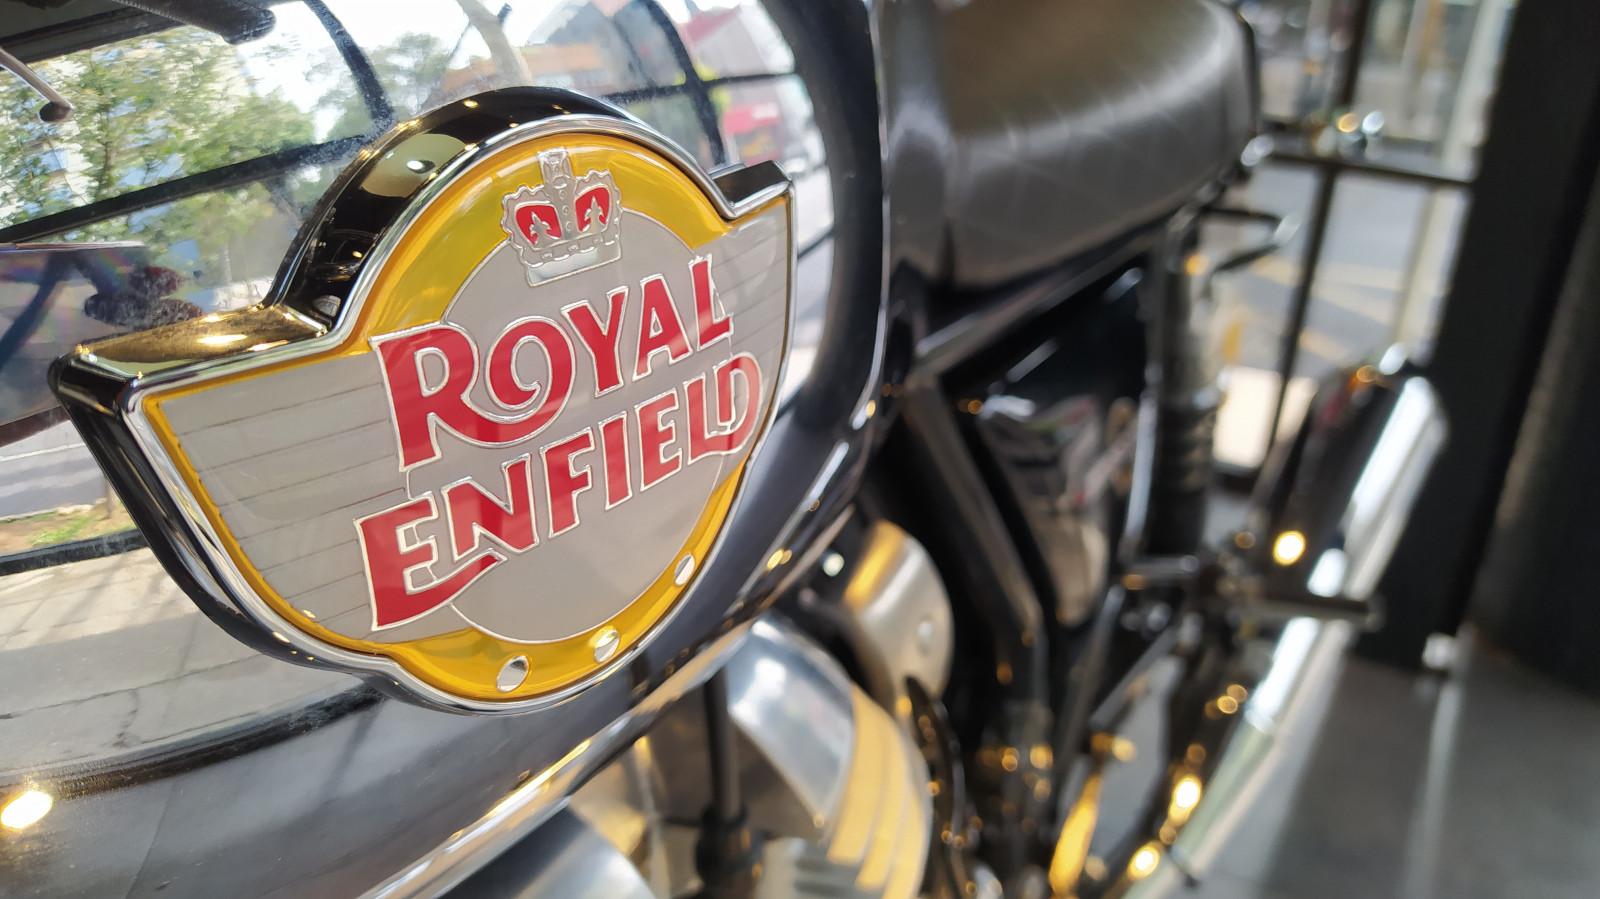 Royal Enfield muestra su pasión e historia